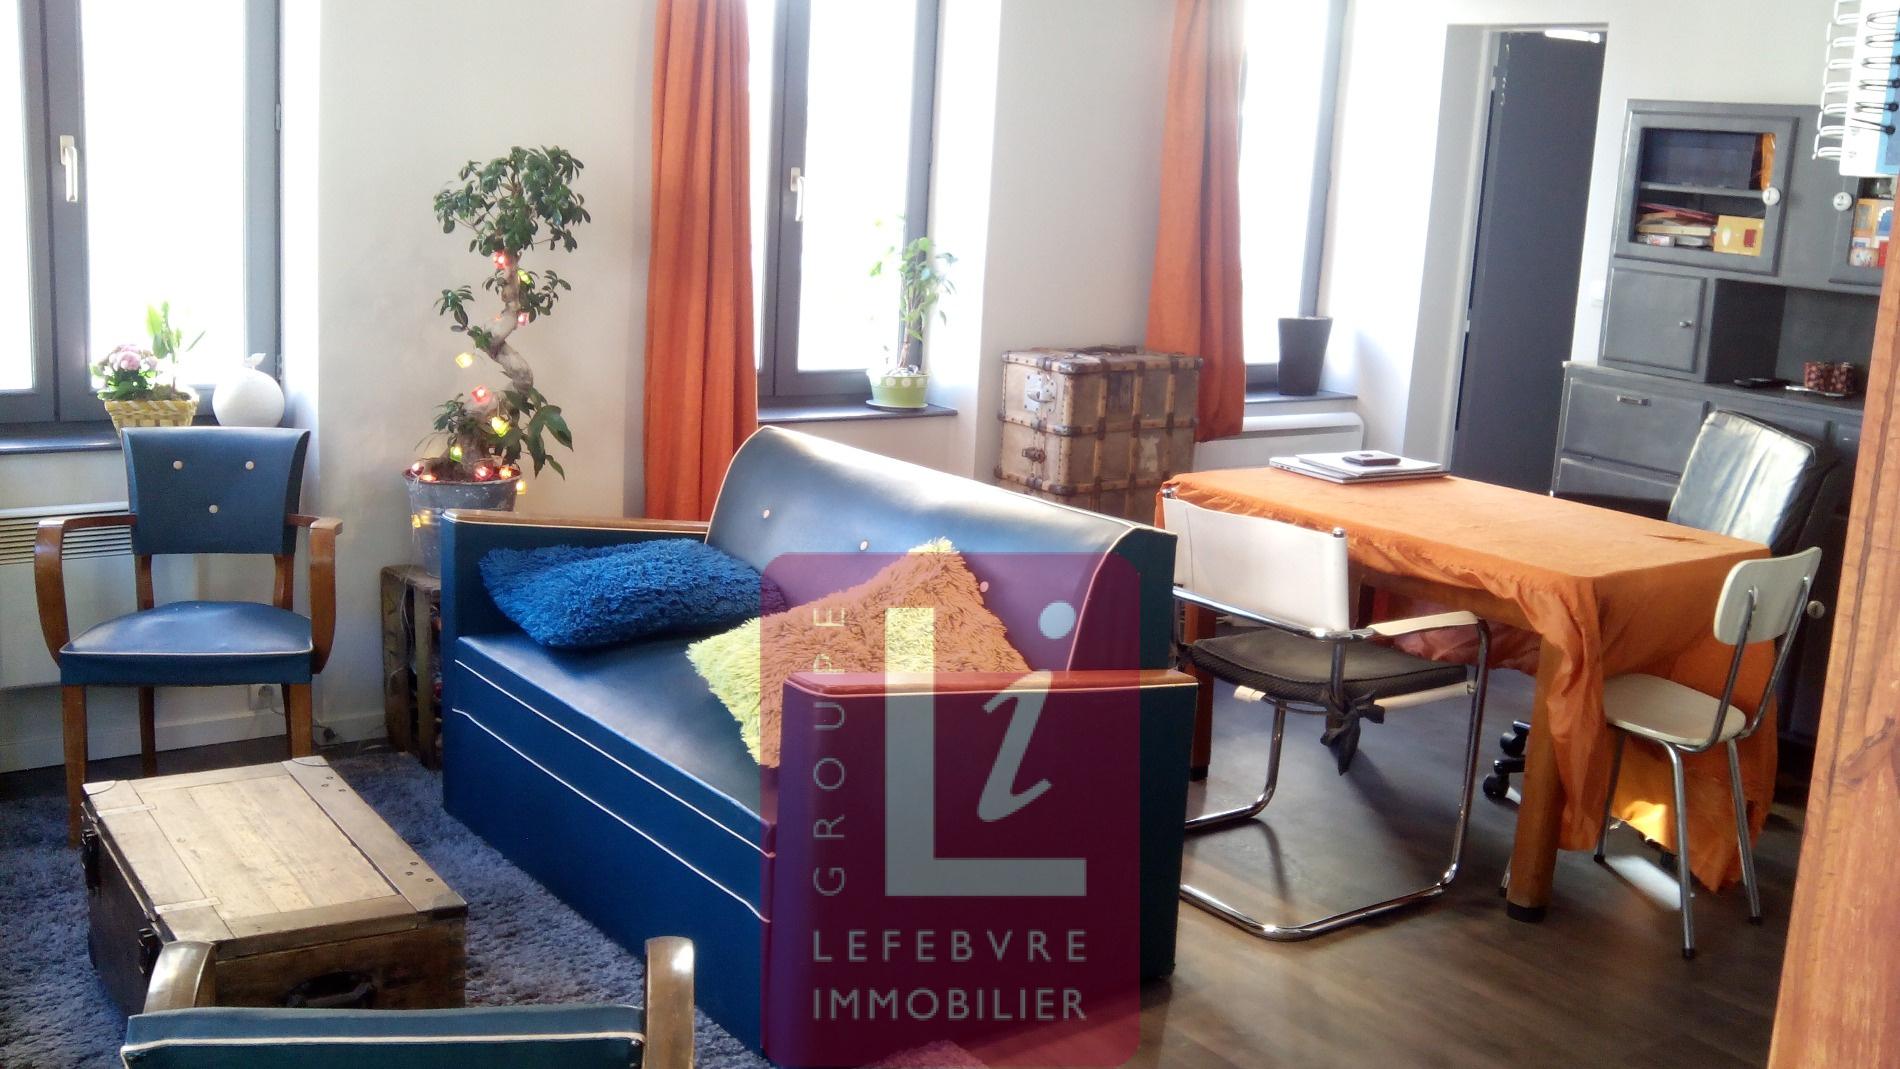 vente appartements maisons et villas quend plage. Black Bedroom Furniture Sets. Home Design Ideas